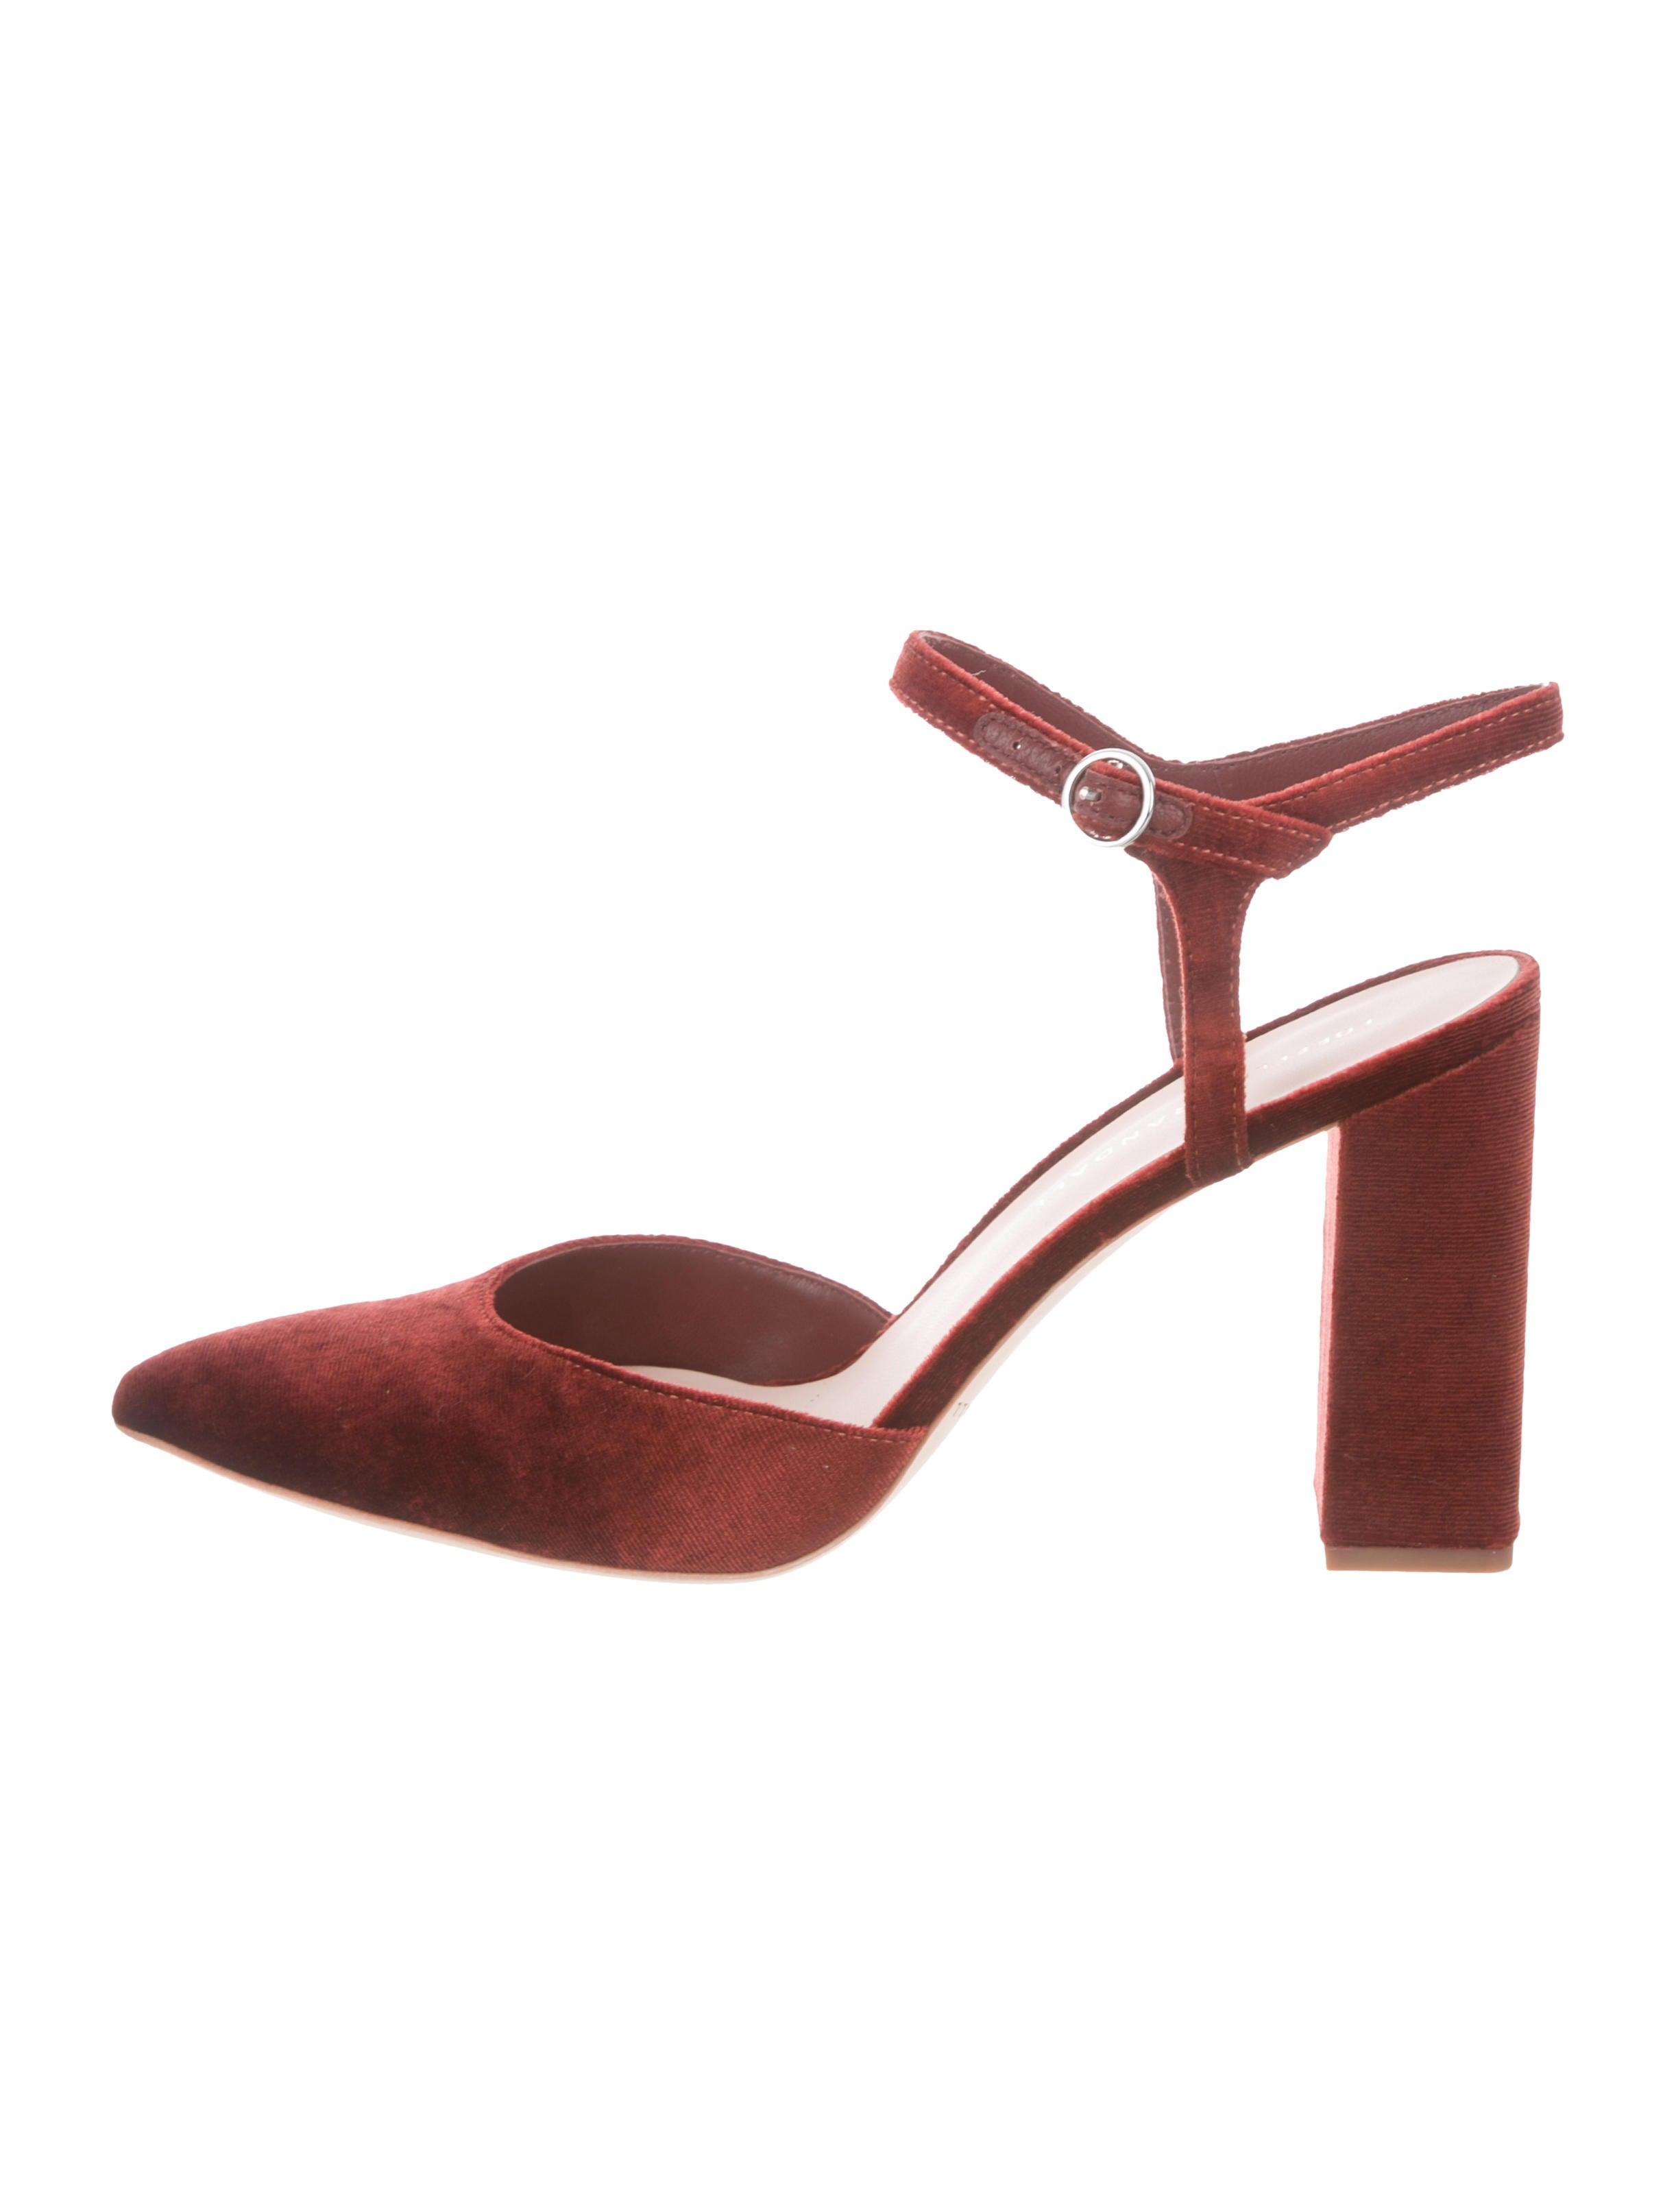 3d60a3c6724 Loeffler Randall Leily Velvet Pumps w  Tags - Shoes - WLF36128